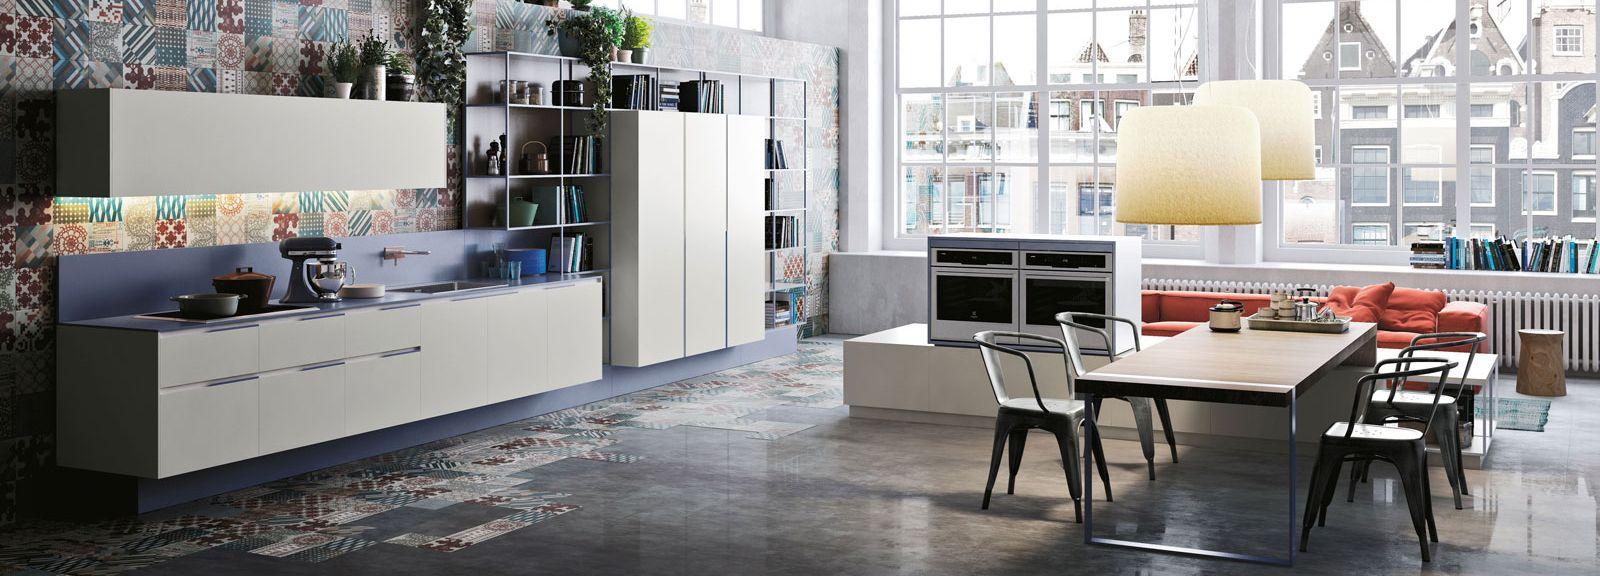 Cucine bianche: e la stanza sembra più grande e luminosa